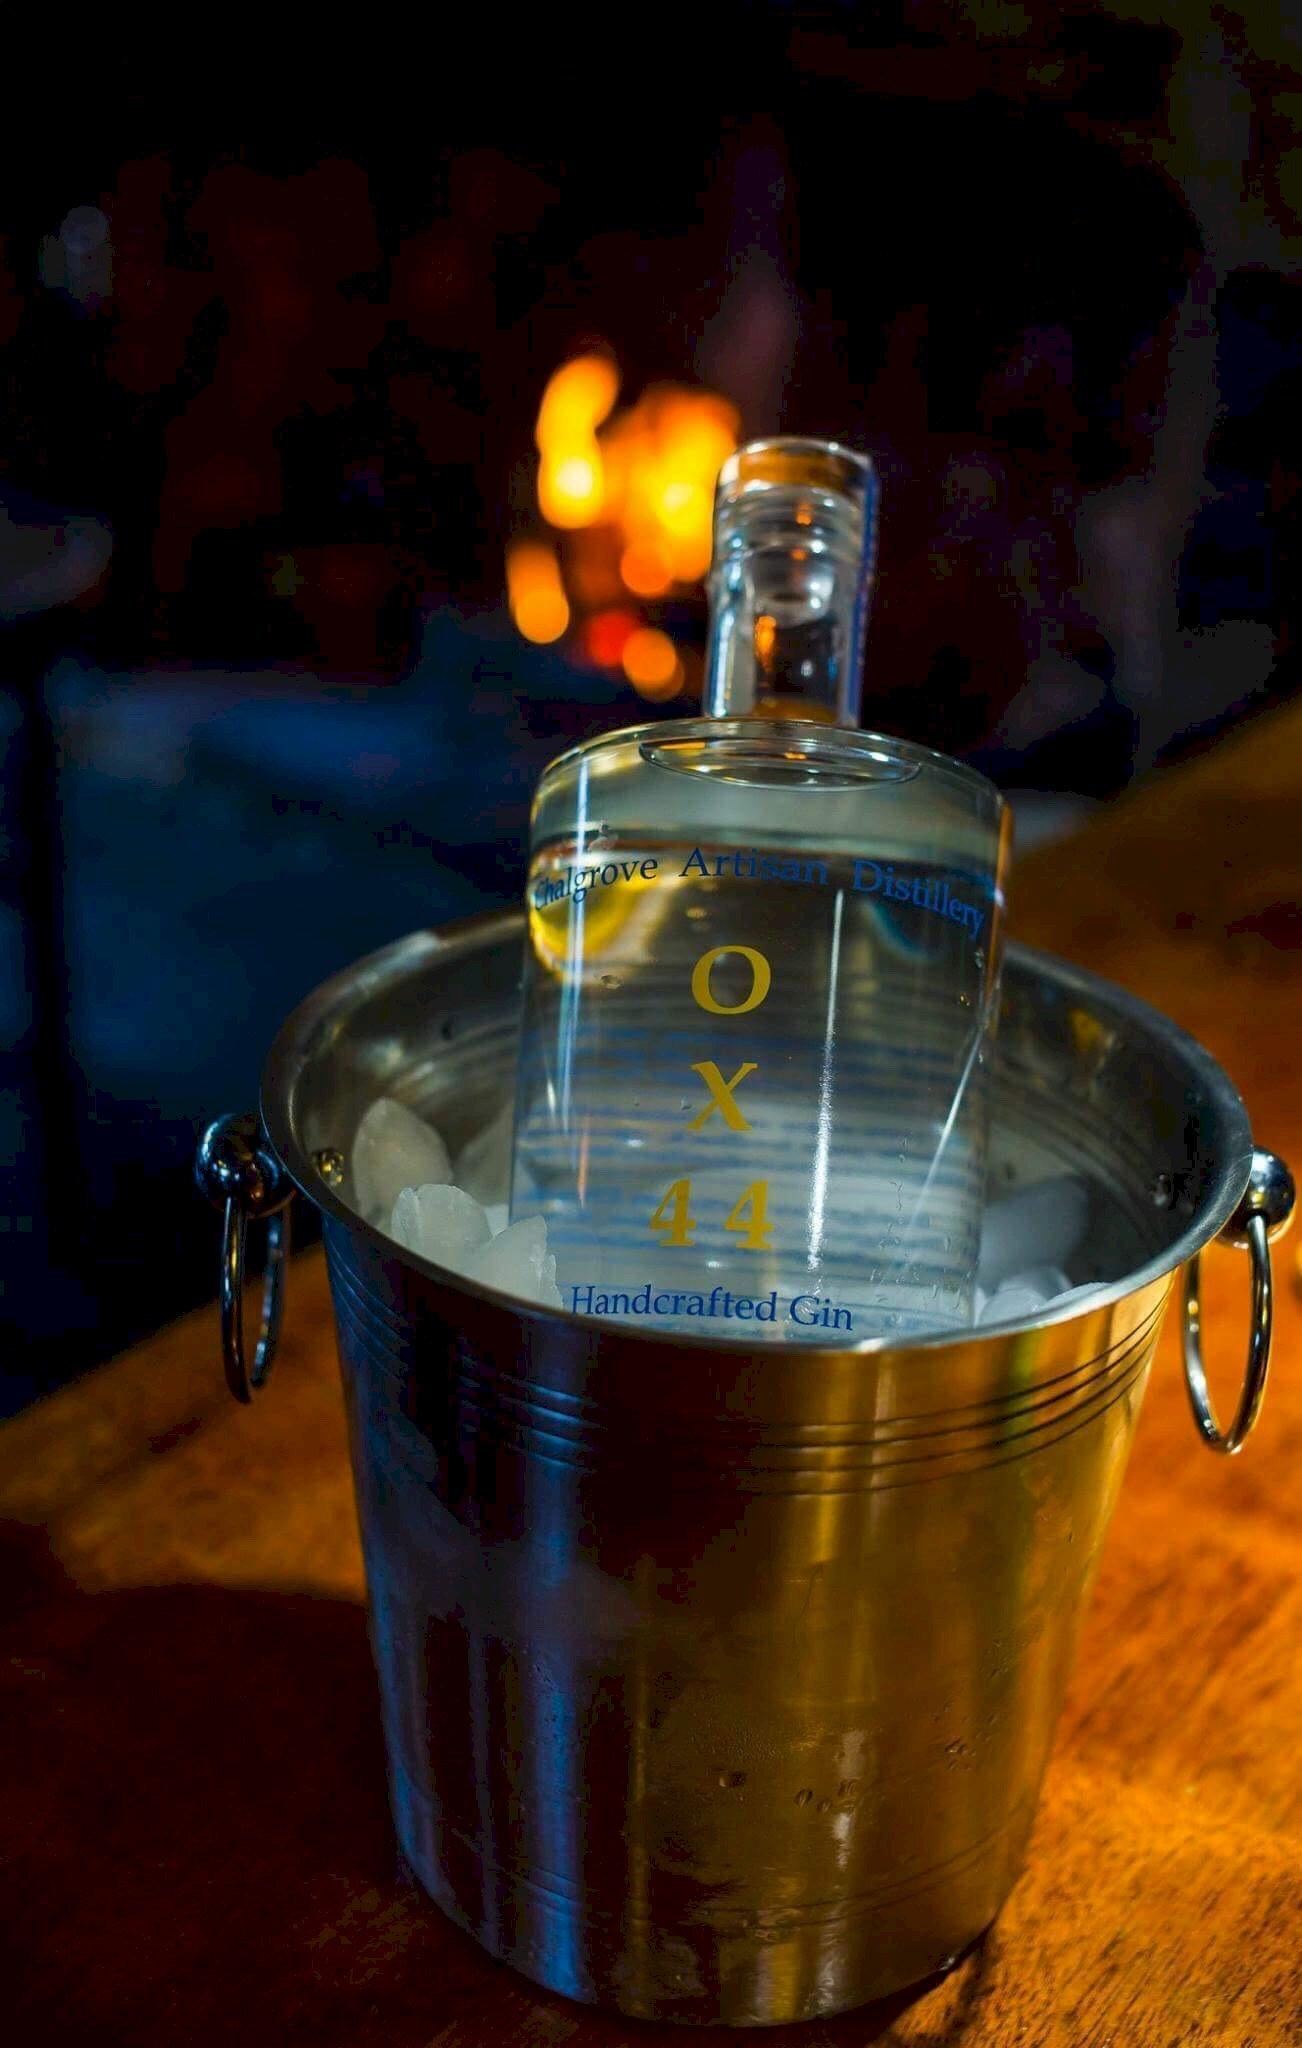 Mother's Ruin Chalgrove Artisan Distillery bottle in bucket